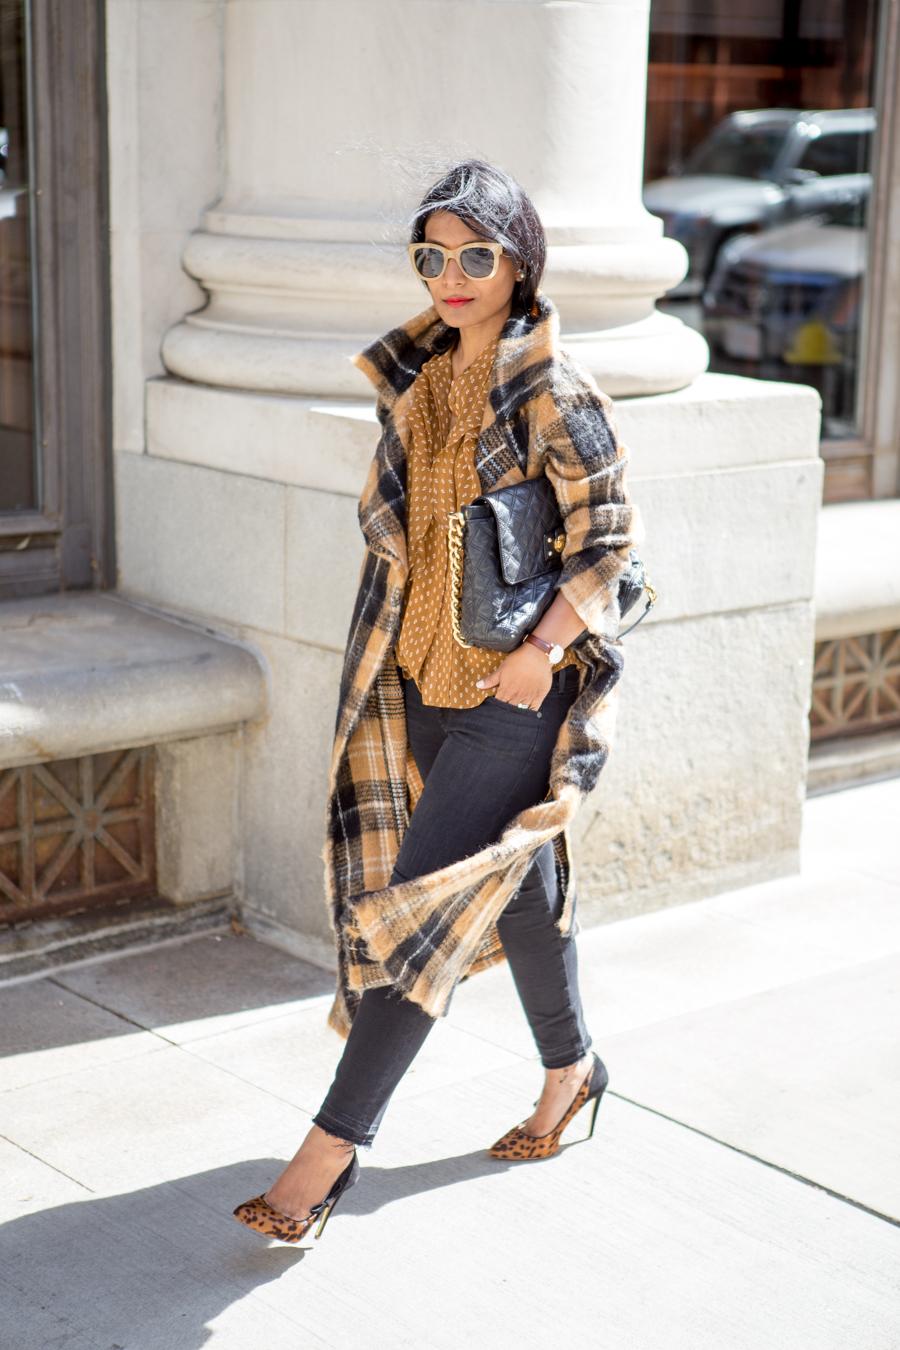 Boston Street Style: Boston Fashion, Boston Style 34